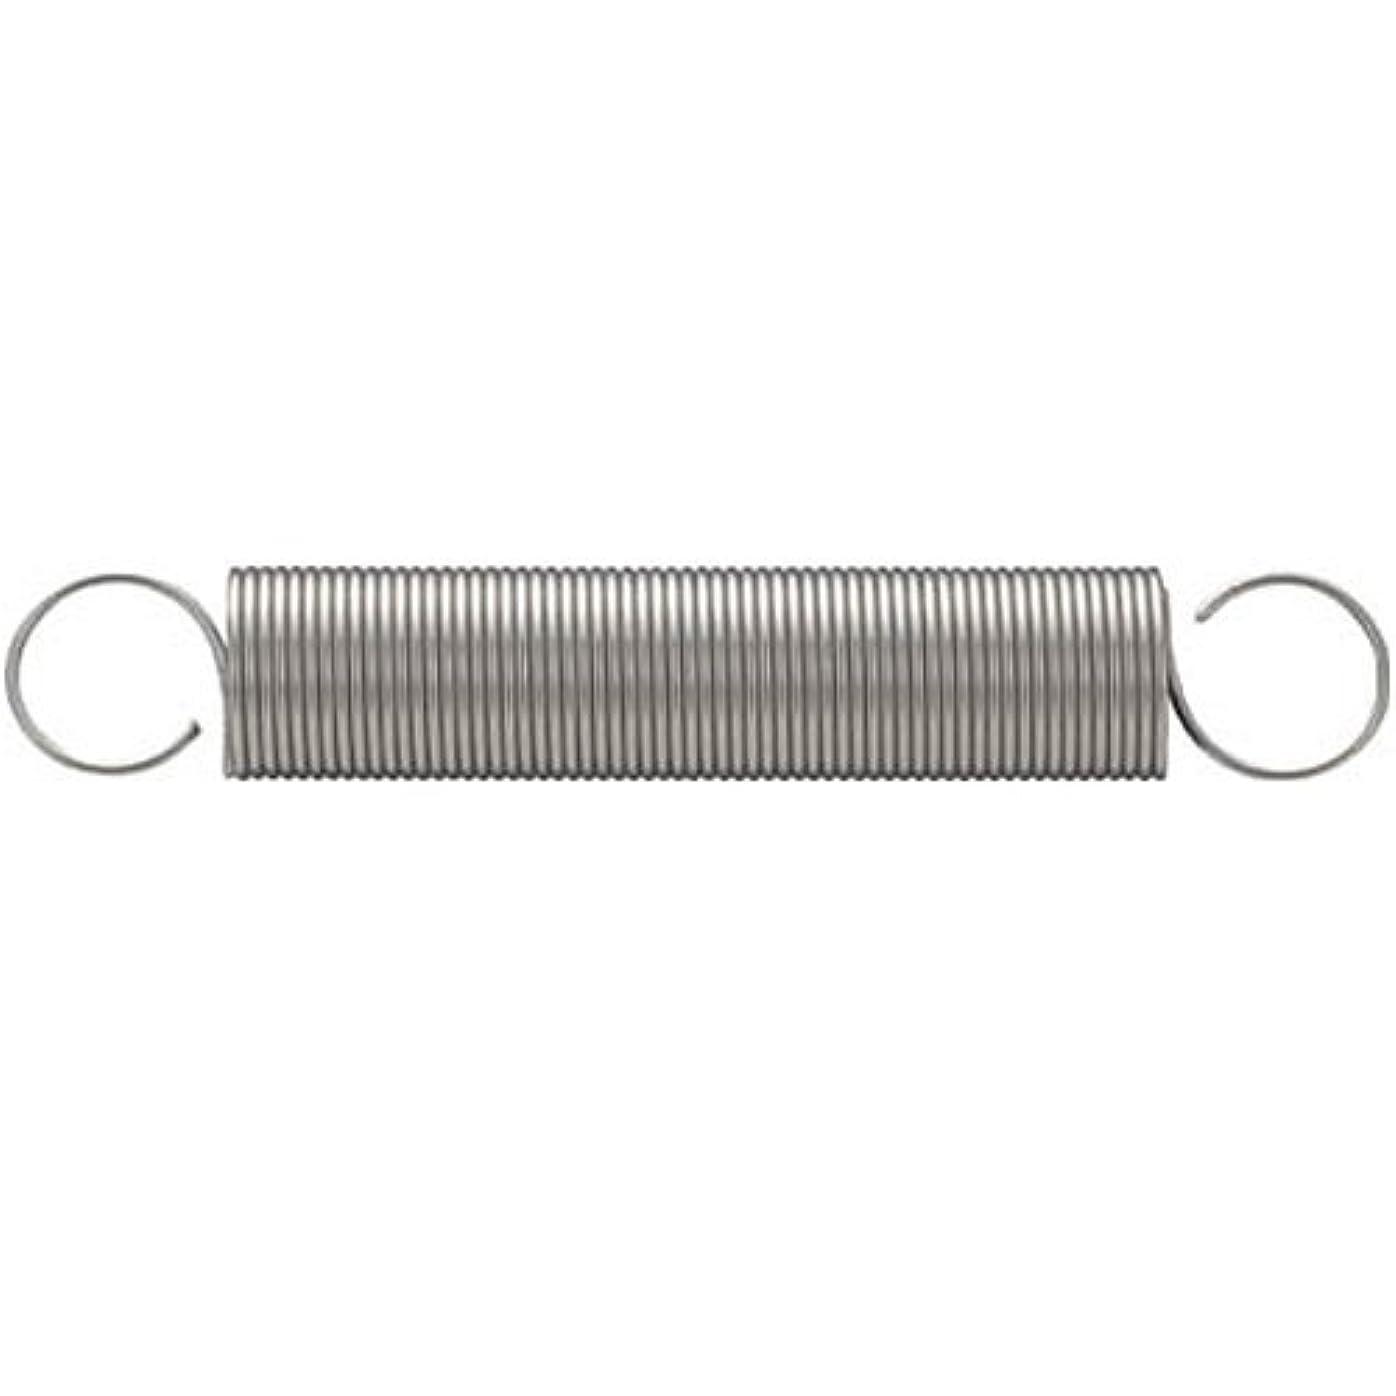 形状関連付けるリマTRUSCO(トラスコ) 引張コイルばね D6.3×d0.55×L20.5 20個入 TES630-055-205